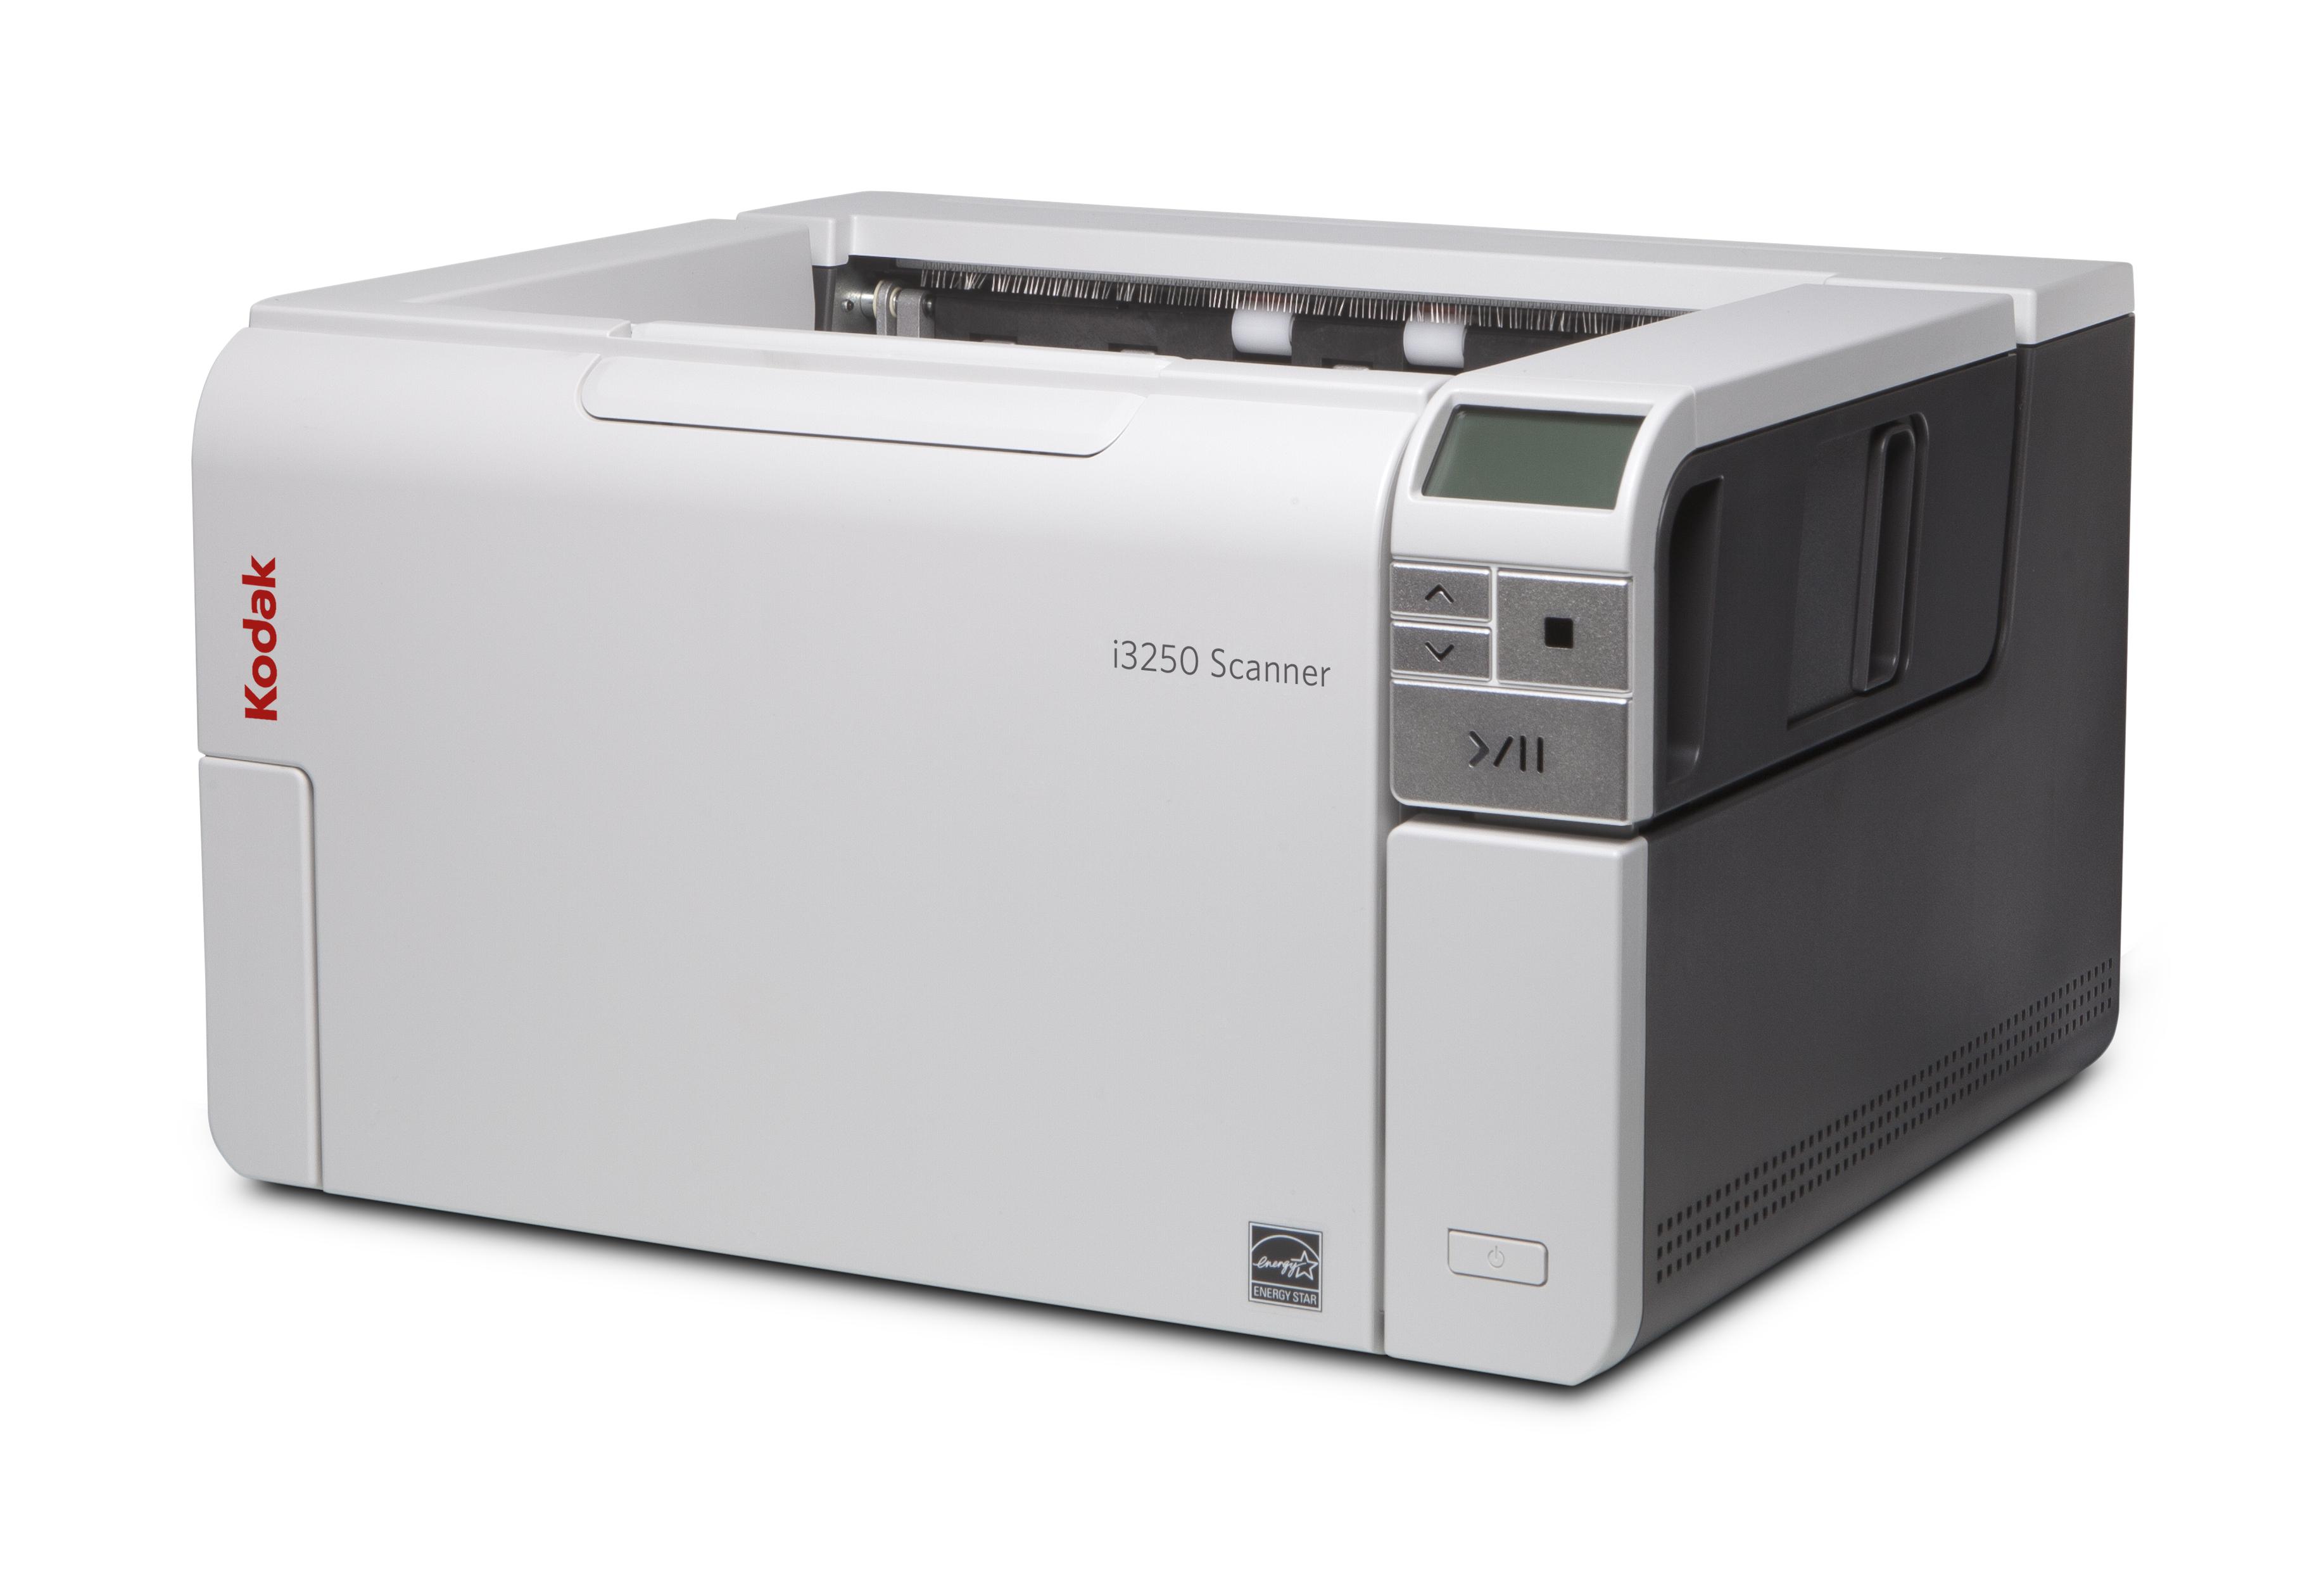 Skaner Kodak Alaris i3250